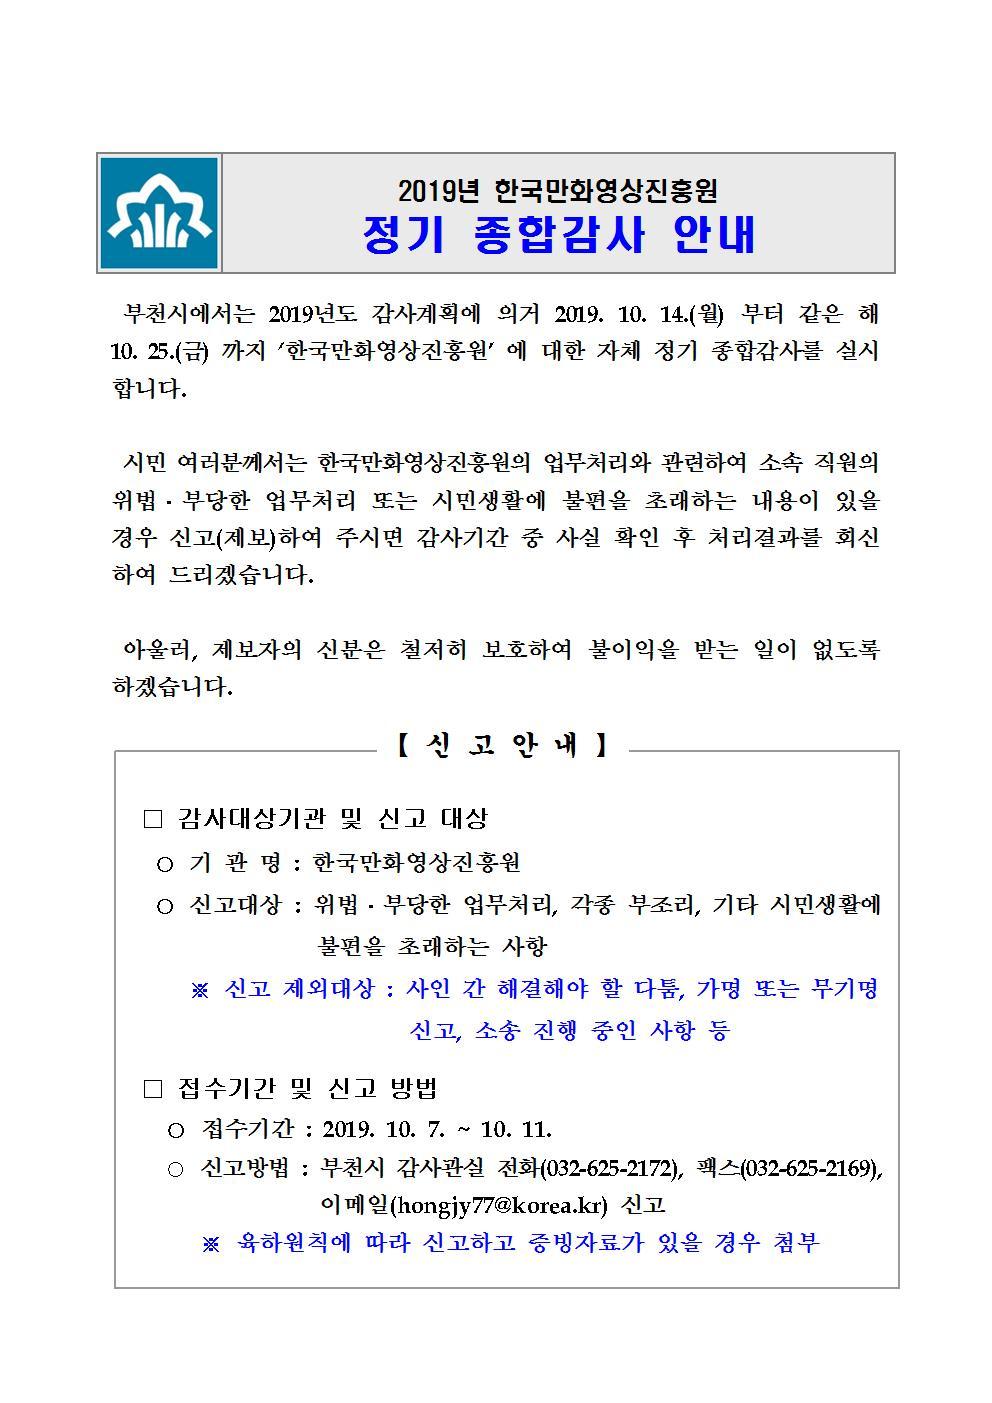 2019년 한국만화영상진흥원 정기 종합감사 안내(홈패이지)001.jpg